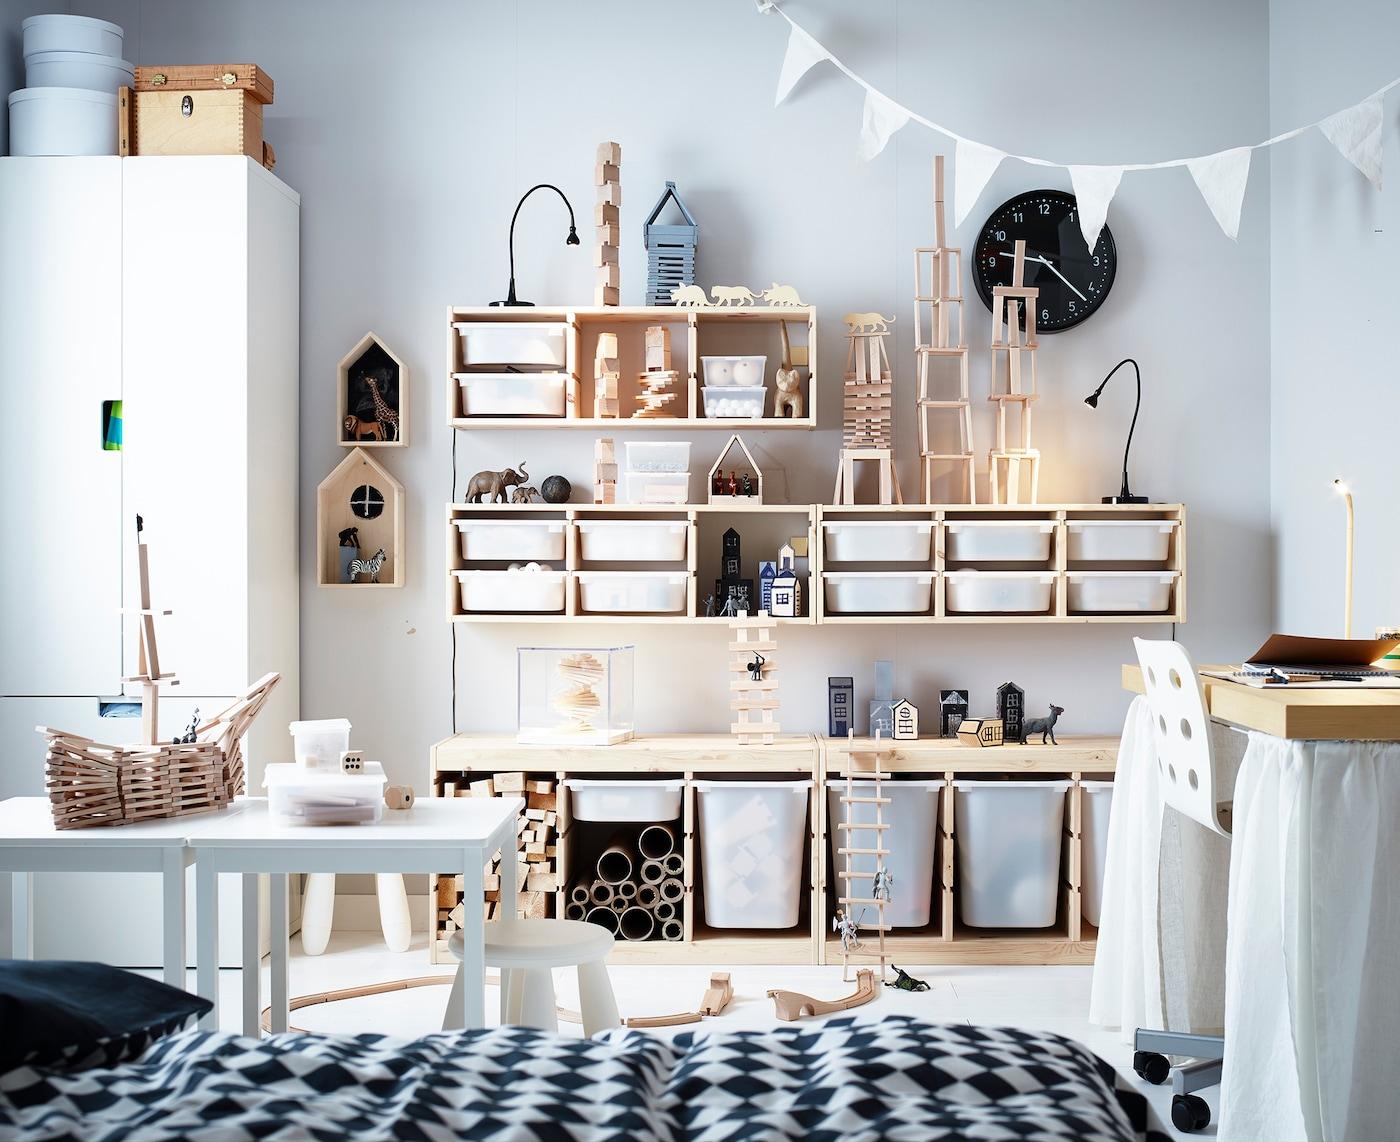 Ein Kinderzimmer mit Möbeln aus Kiefernholz und vielen Bauklötzen.